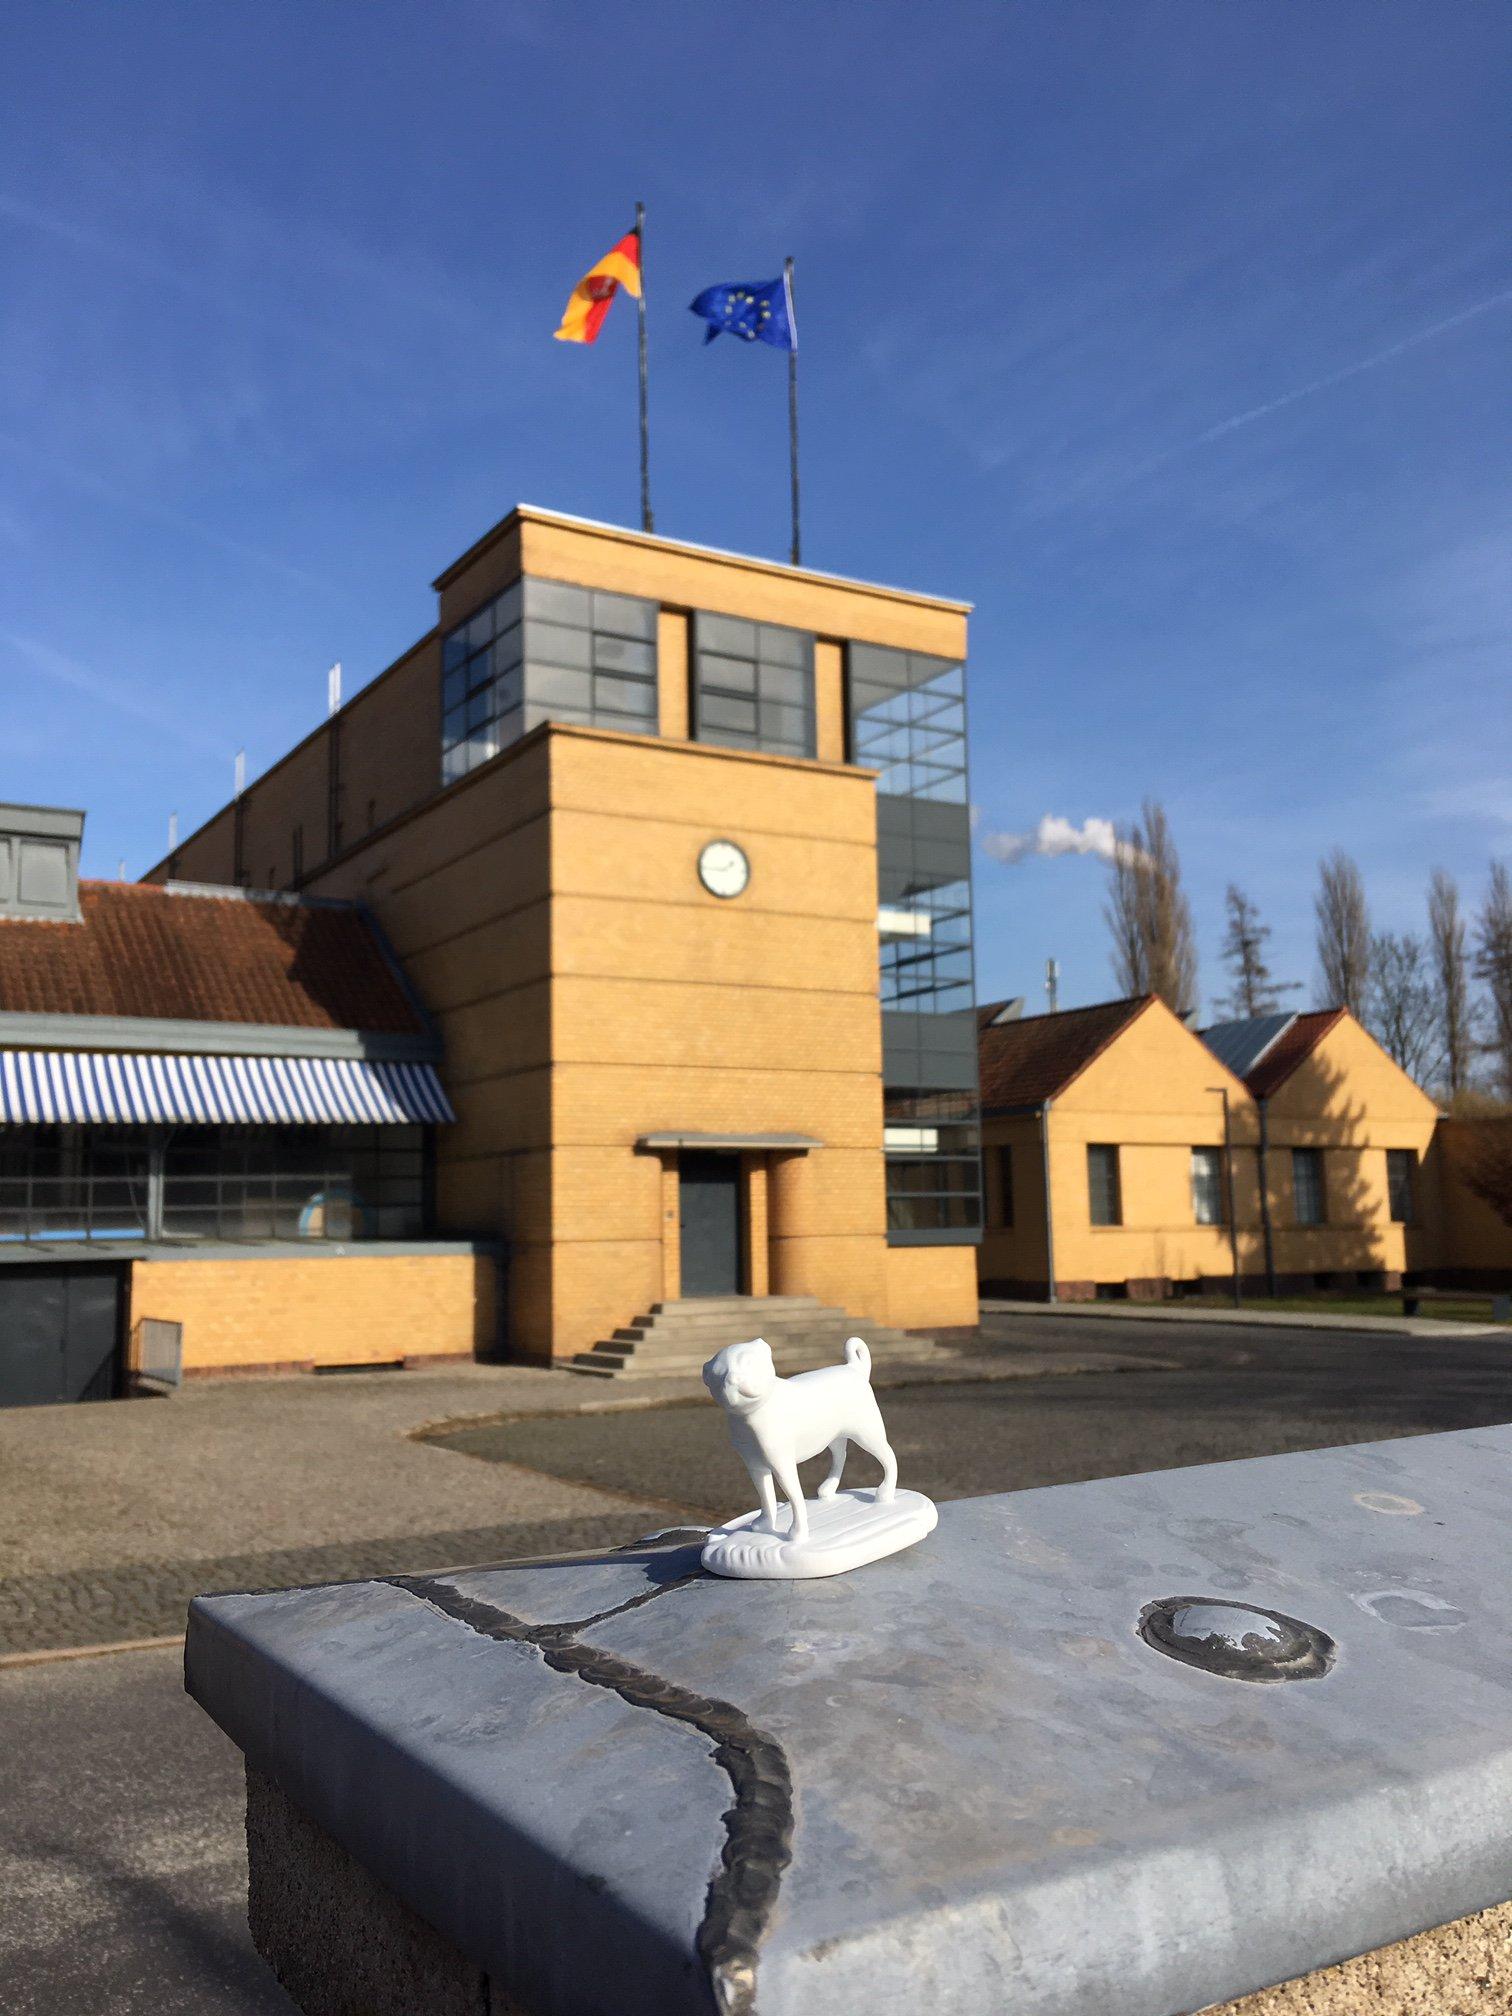 Porzellanmops im Vordergrund vor einem Gebäude